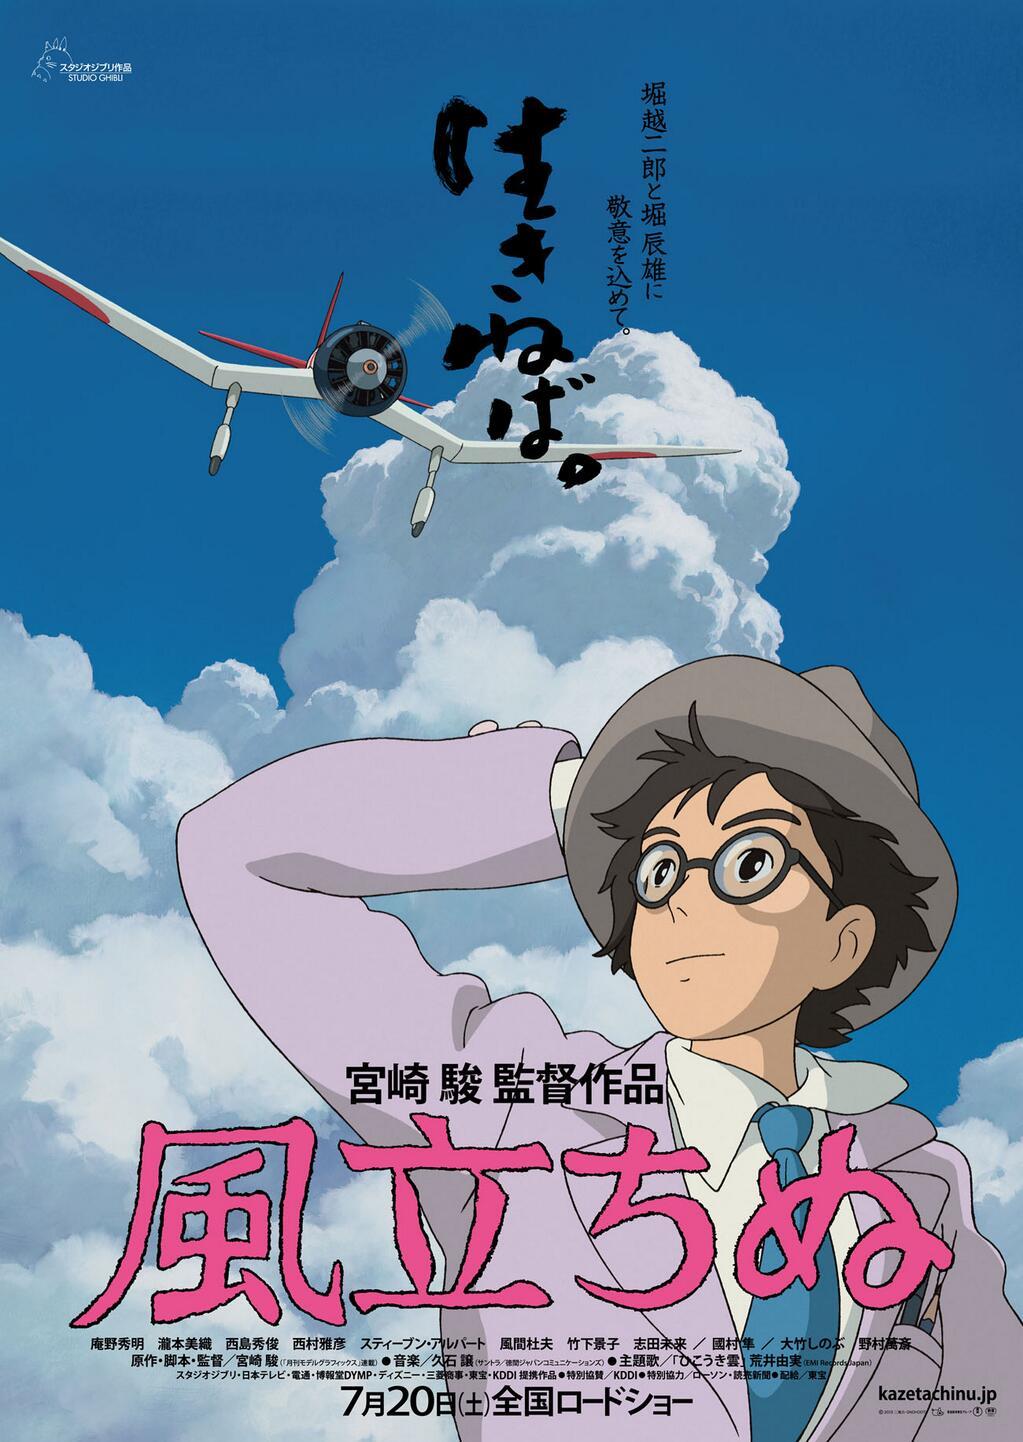 http://www.catsuka.com/interf/icons4/kazetachinu_poster.jpg